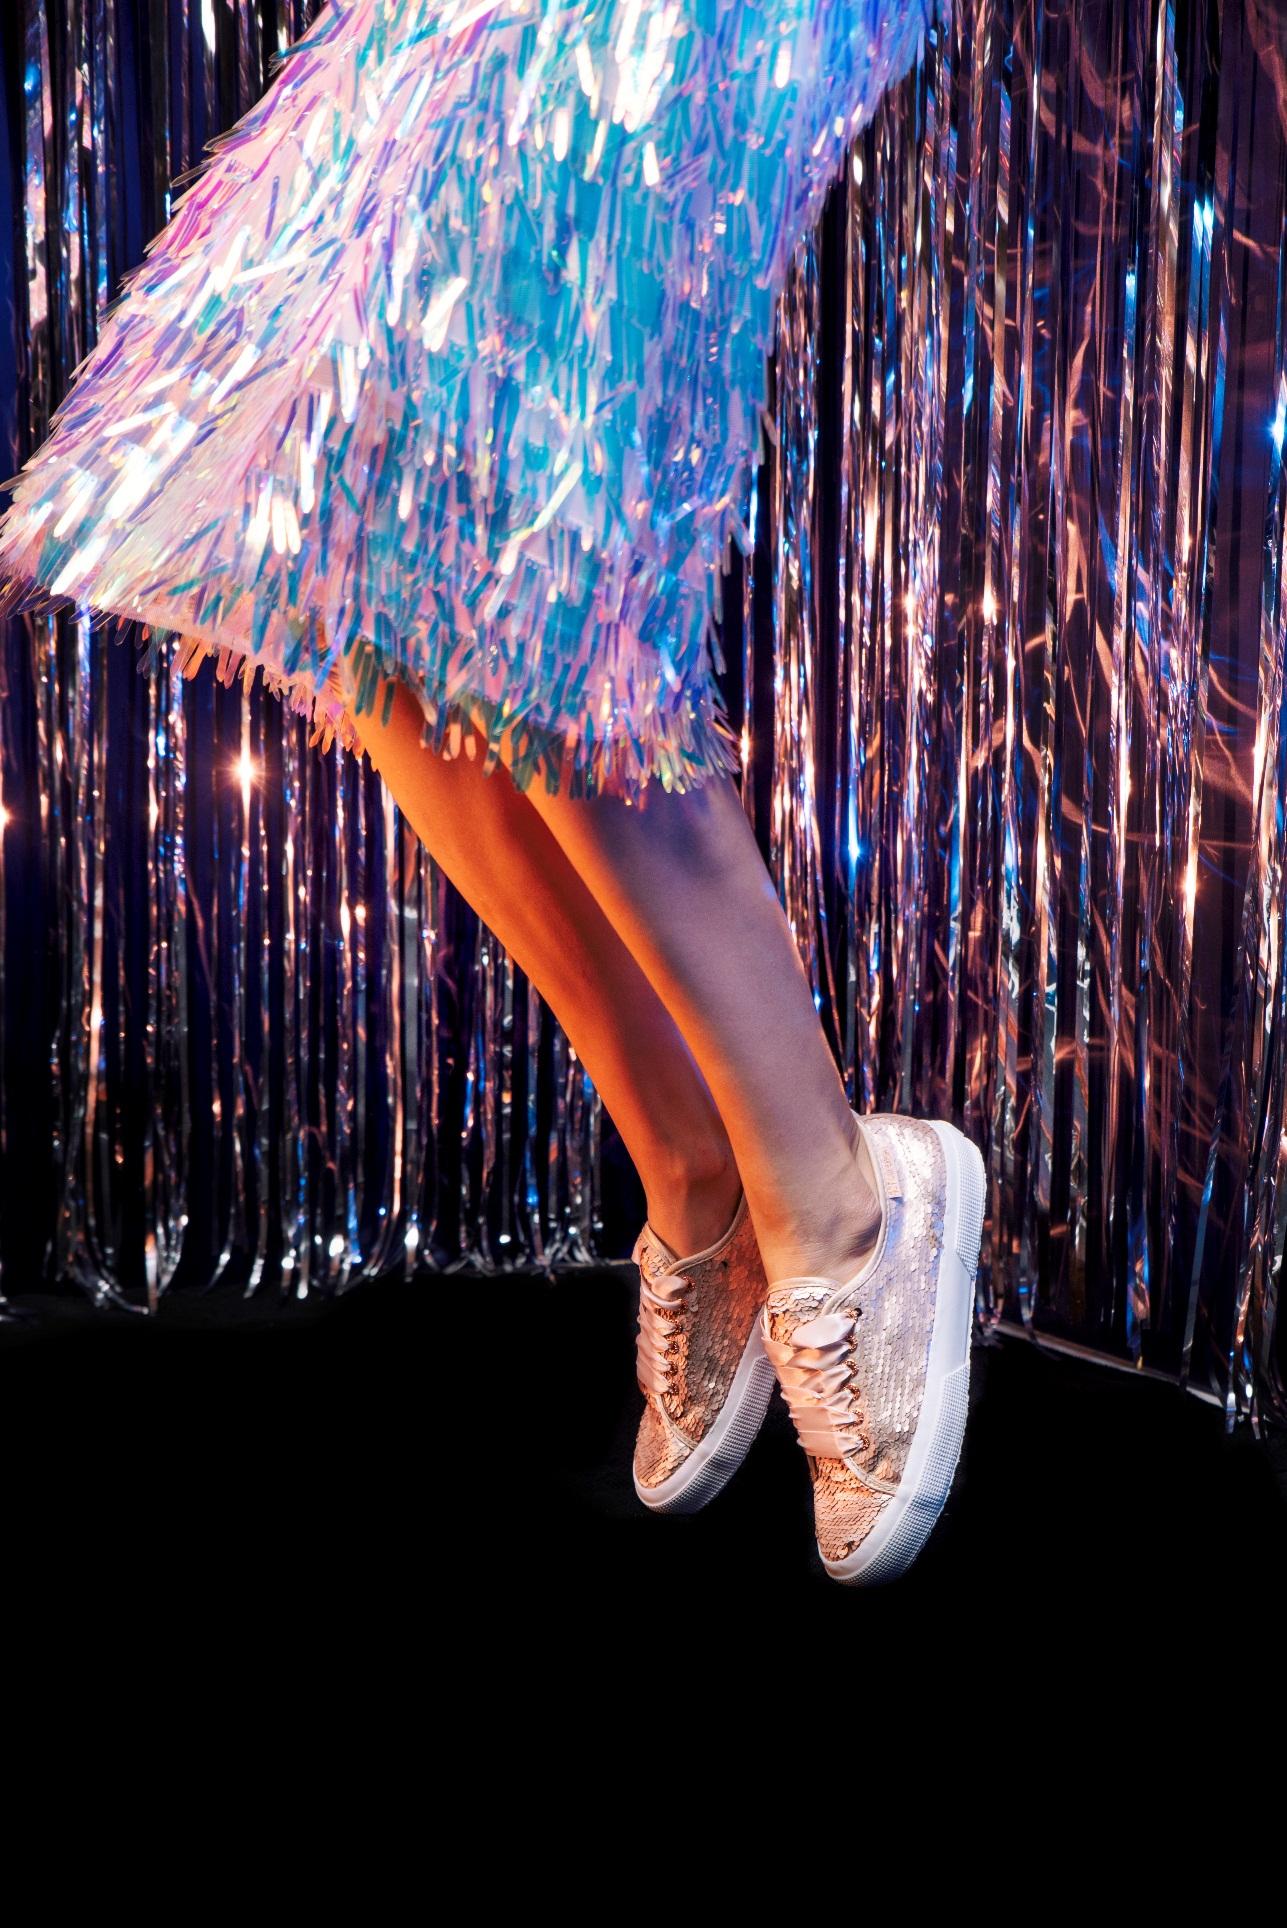 BST Thu Đông giày Superga 2750: Khi thời trang là những bước chân tự do - Ảnh 3.